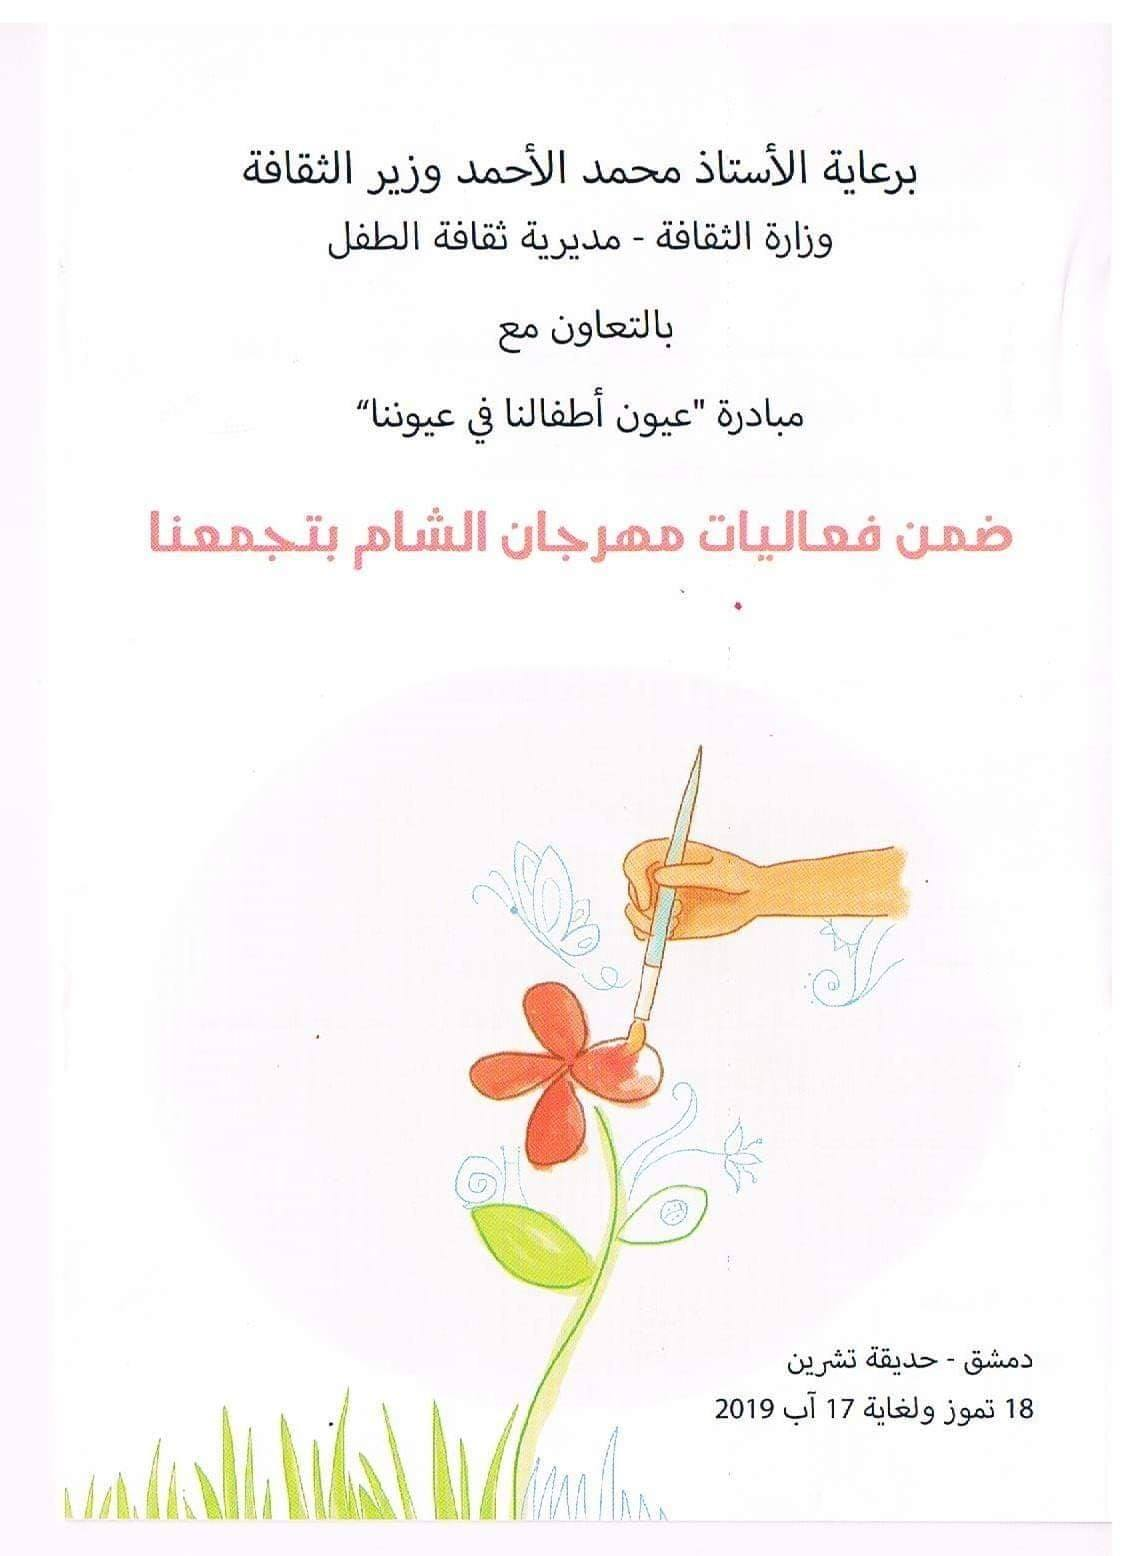 """مبادرة """" عيون أطفالنا في عيوننا """" بالتزامن مع فعاليات مهرجان الشام بتجمعنا تقيم مجموعة نشاطات للأطفال"""